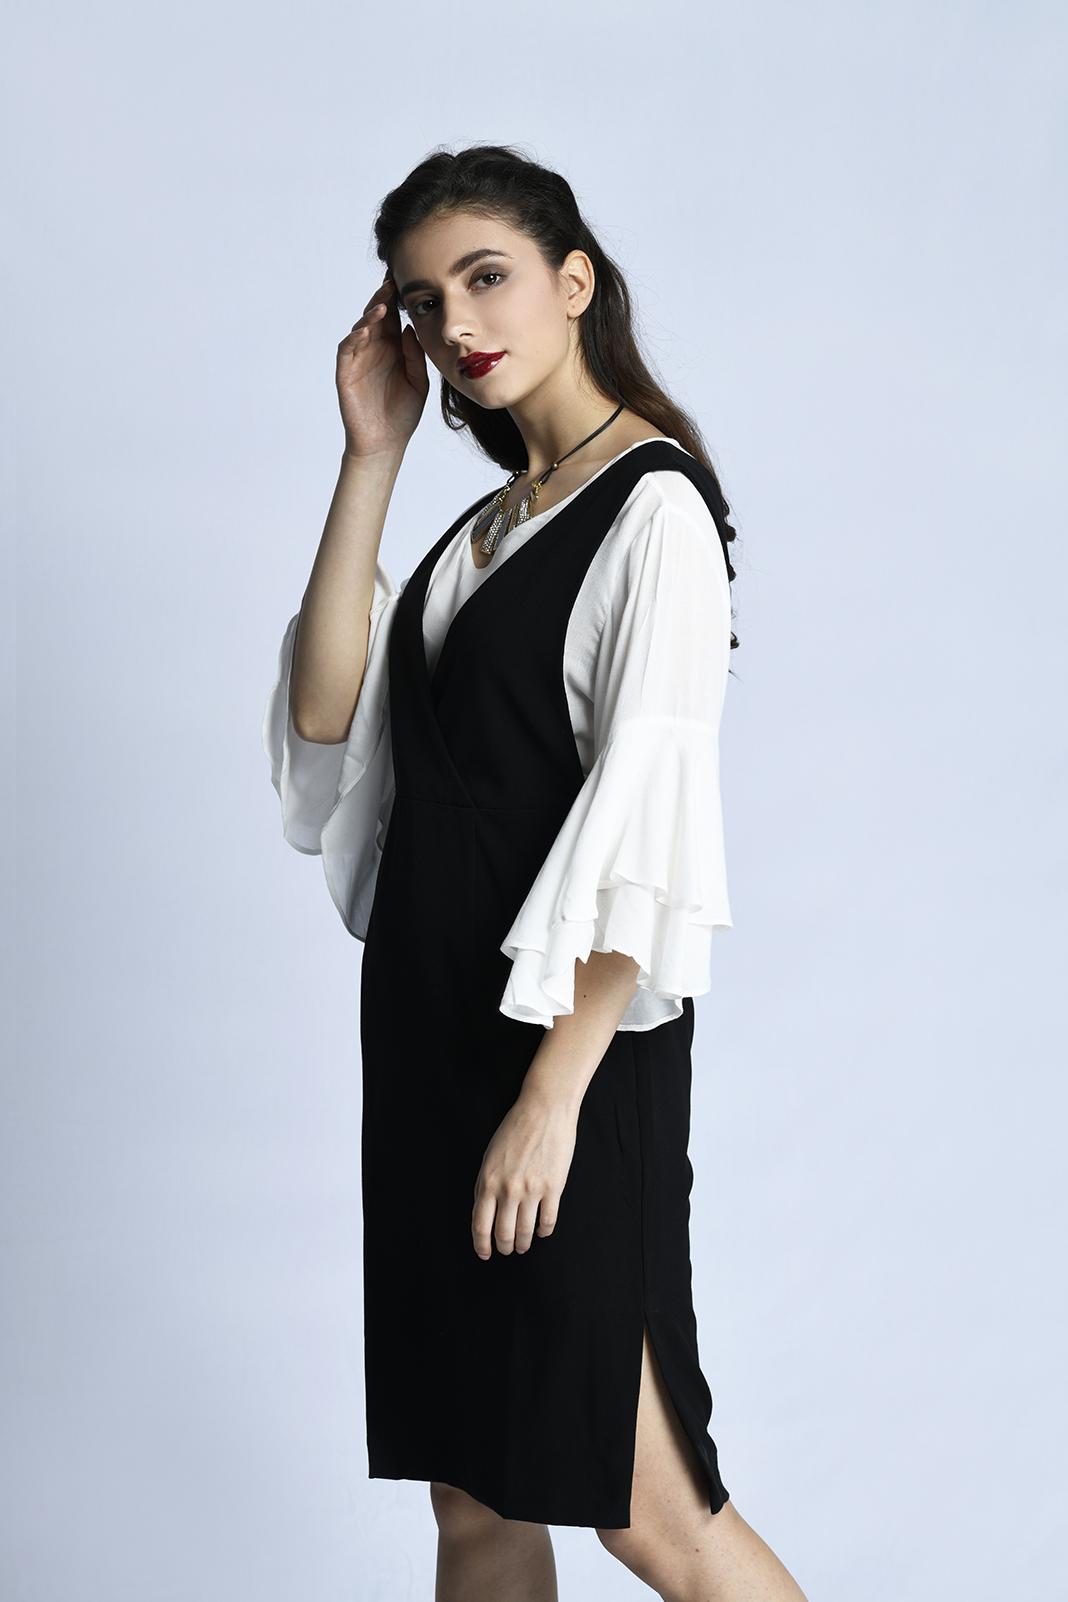 CARDINAL FEMME DRESS 5 (HITAM)